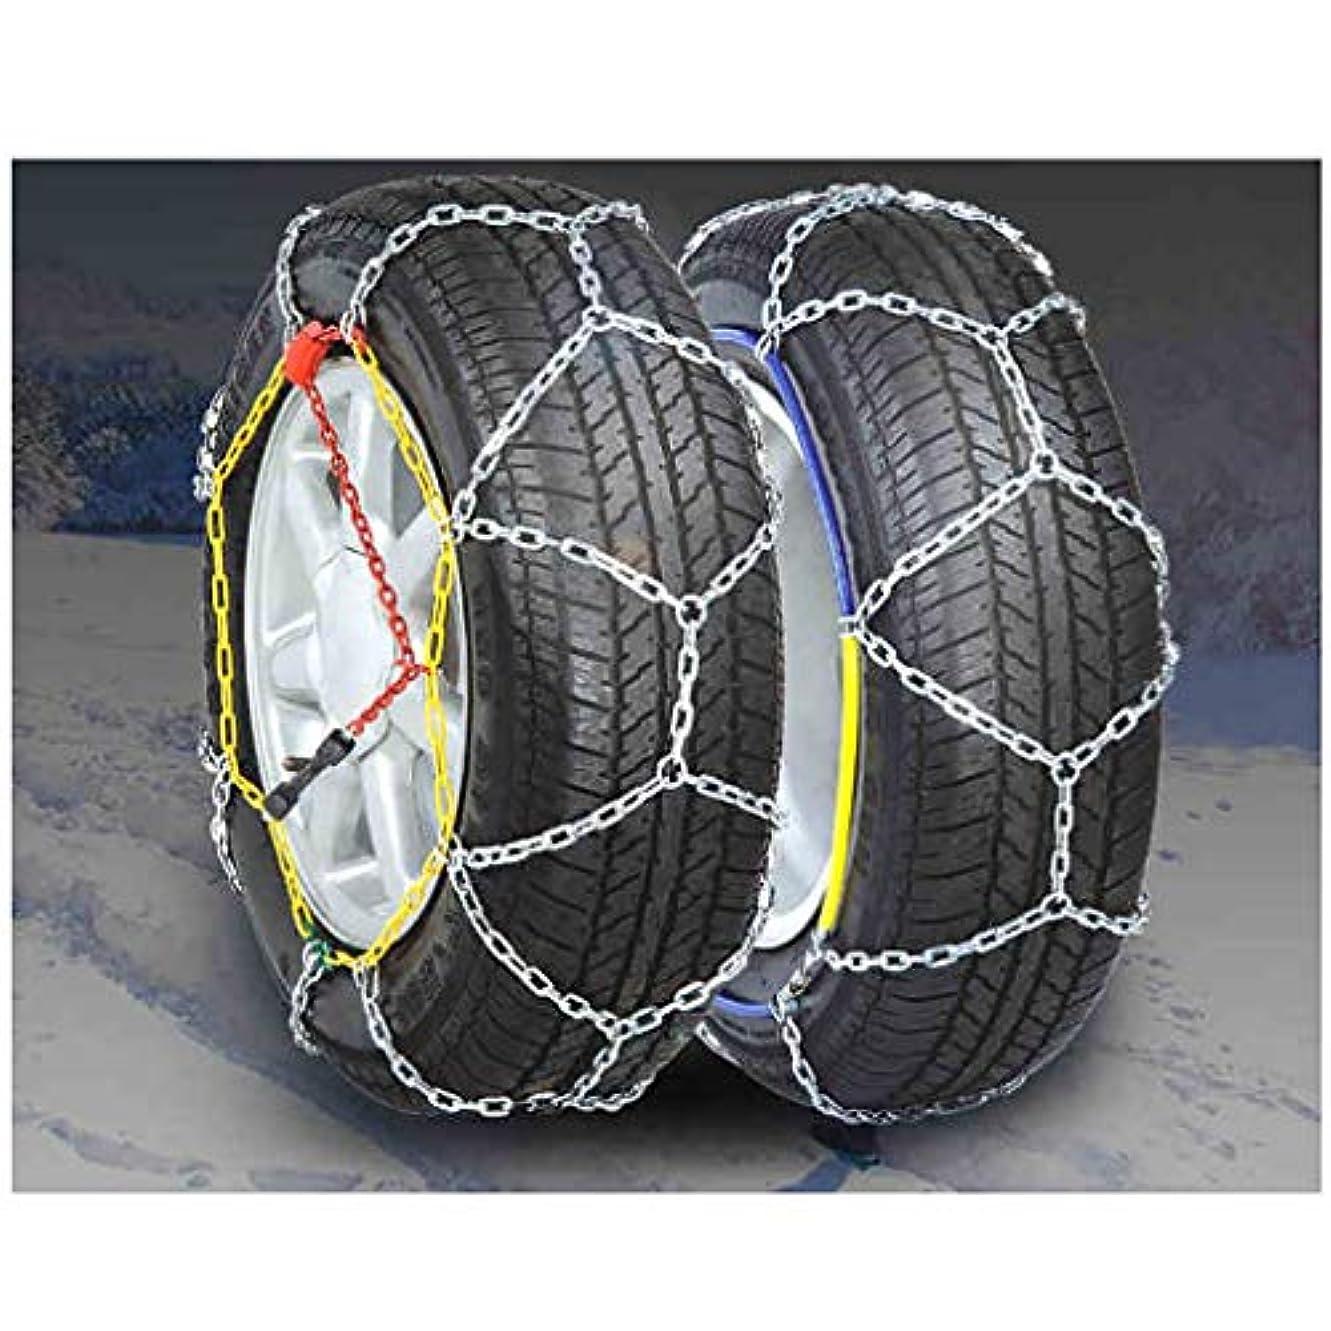 遠近法消費平方2の車SUVトラックセットに適した車のホイール、合金鋼アンチスキッド緊急スノータイヤチェーン雪の泥、フィットにジャックス、簡単には必要のためのスノーチェーン、 (Size : 220/50-365)